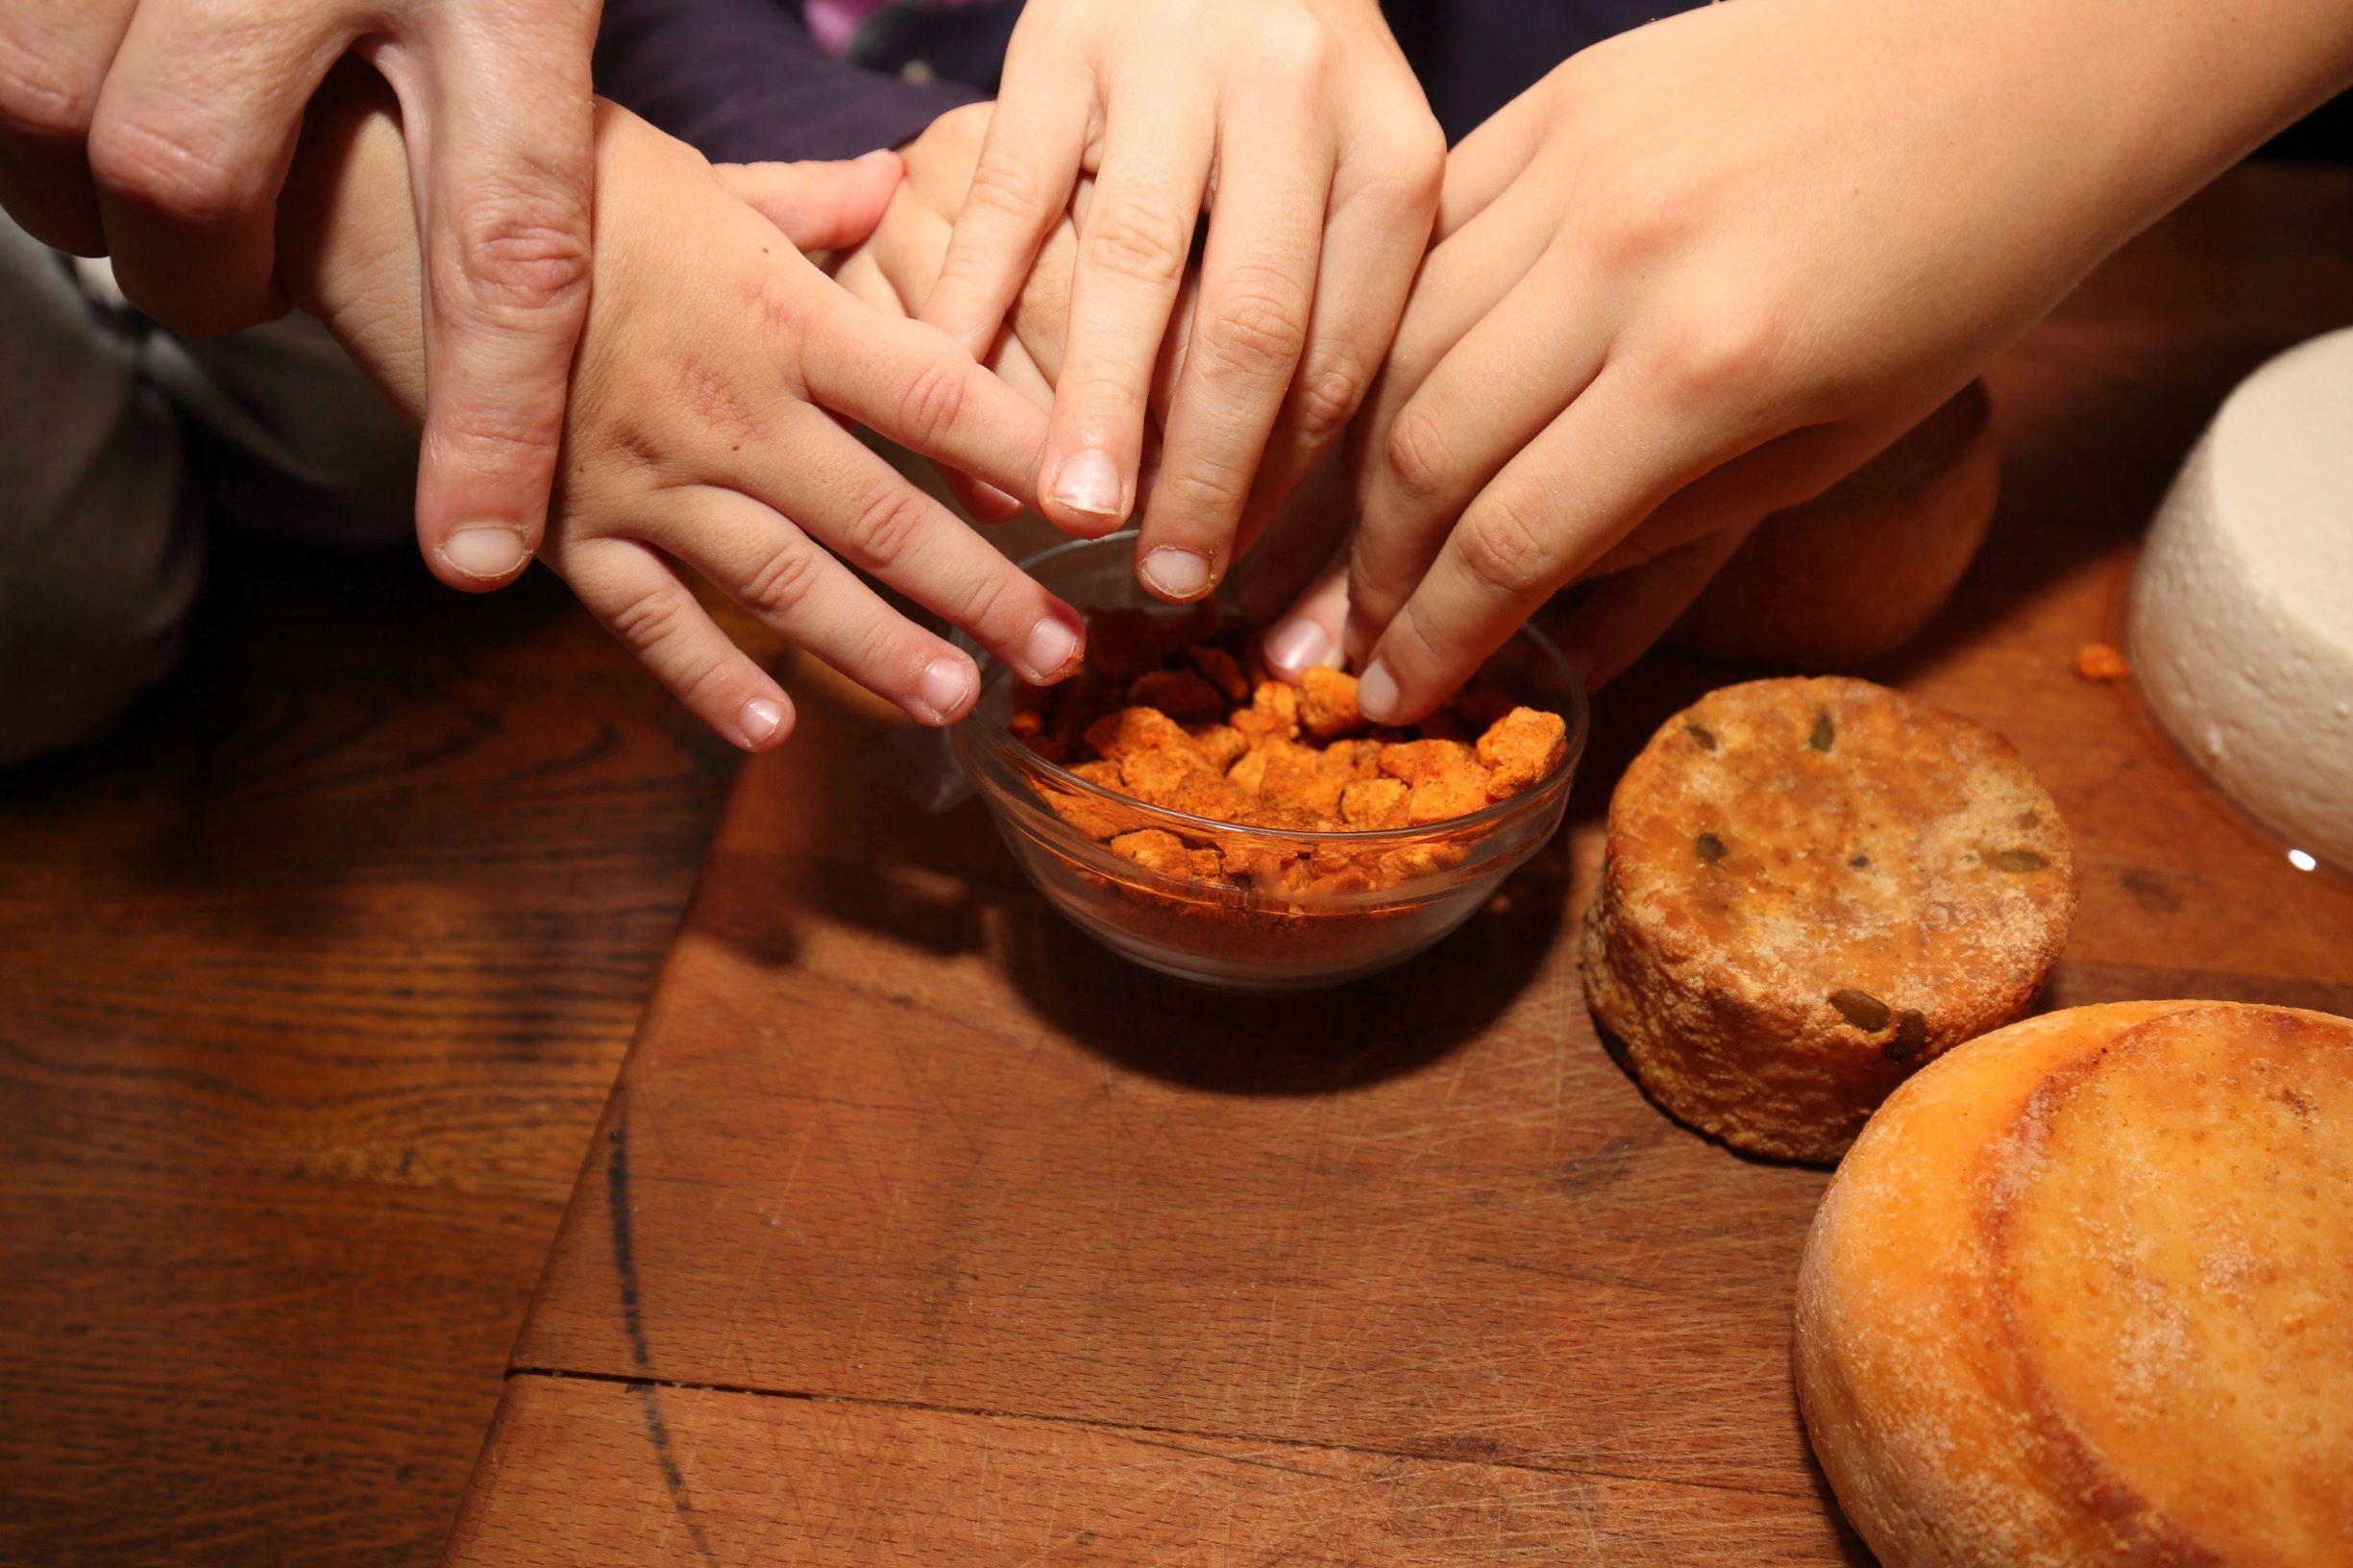 Komletinci, 101219. Tatjana Lovric Jovanovic vlasnica je OPG-a za proizvodnju kozjeg sira. Najnoviji proizvod OPG-a su cvarci od sira. Na fotografiji: Navala na cvarke od sira. Foto: Vlado Kos / CROPIX -JL-